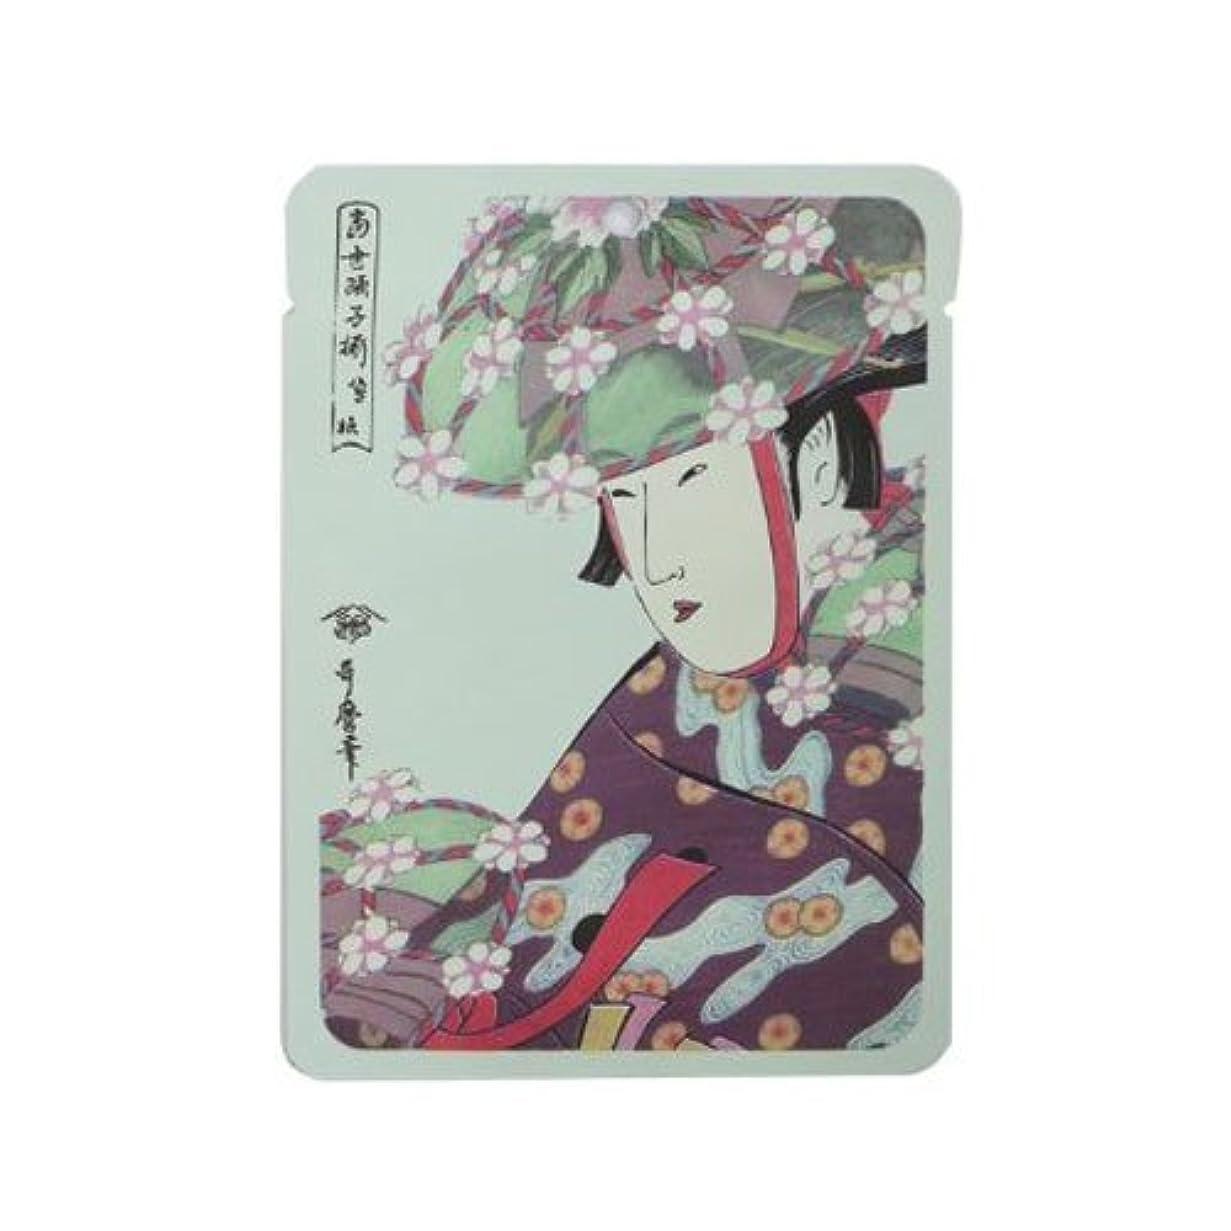 スパーク気を散らす豊かにする美友 エッセンスマスク アロエ+桜 1枚入 4582419531031